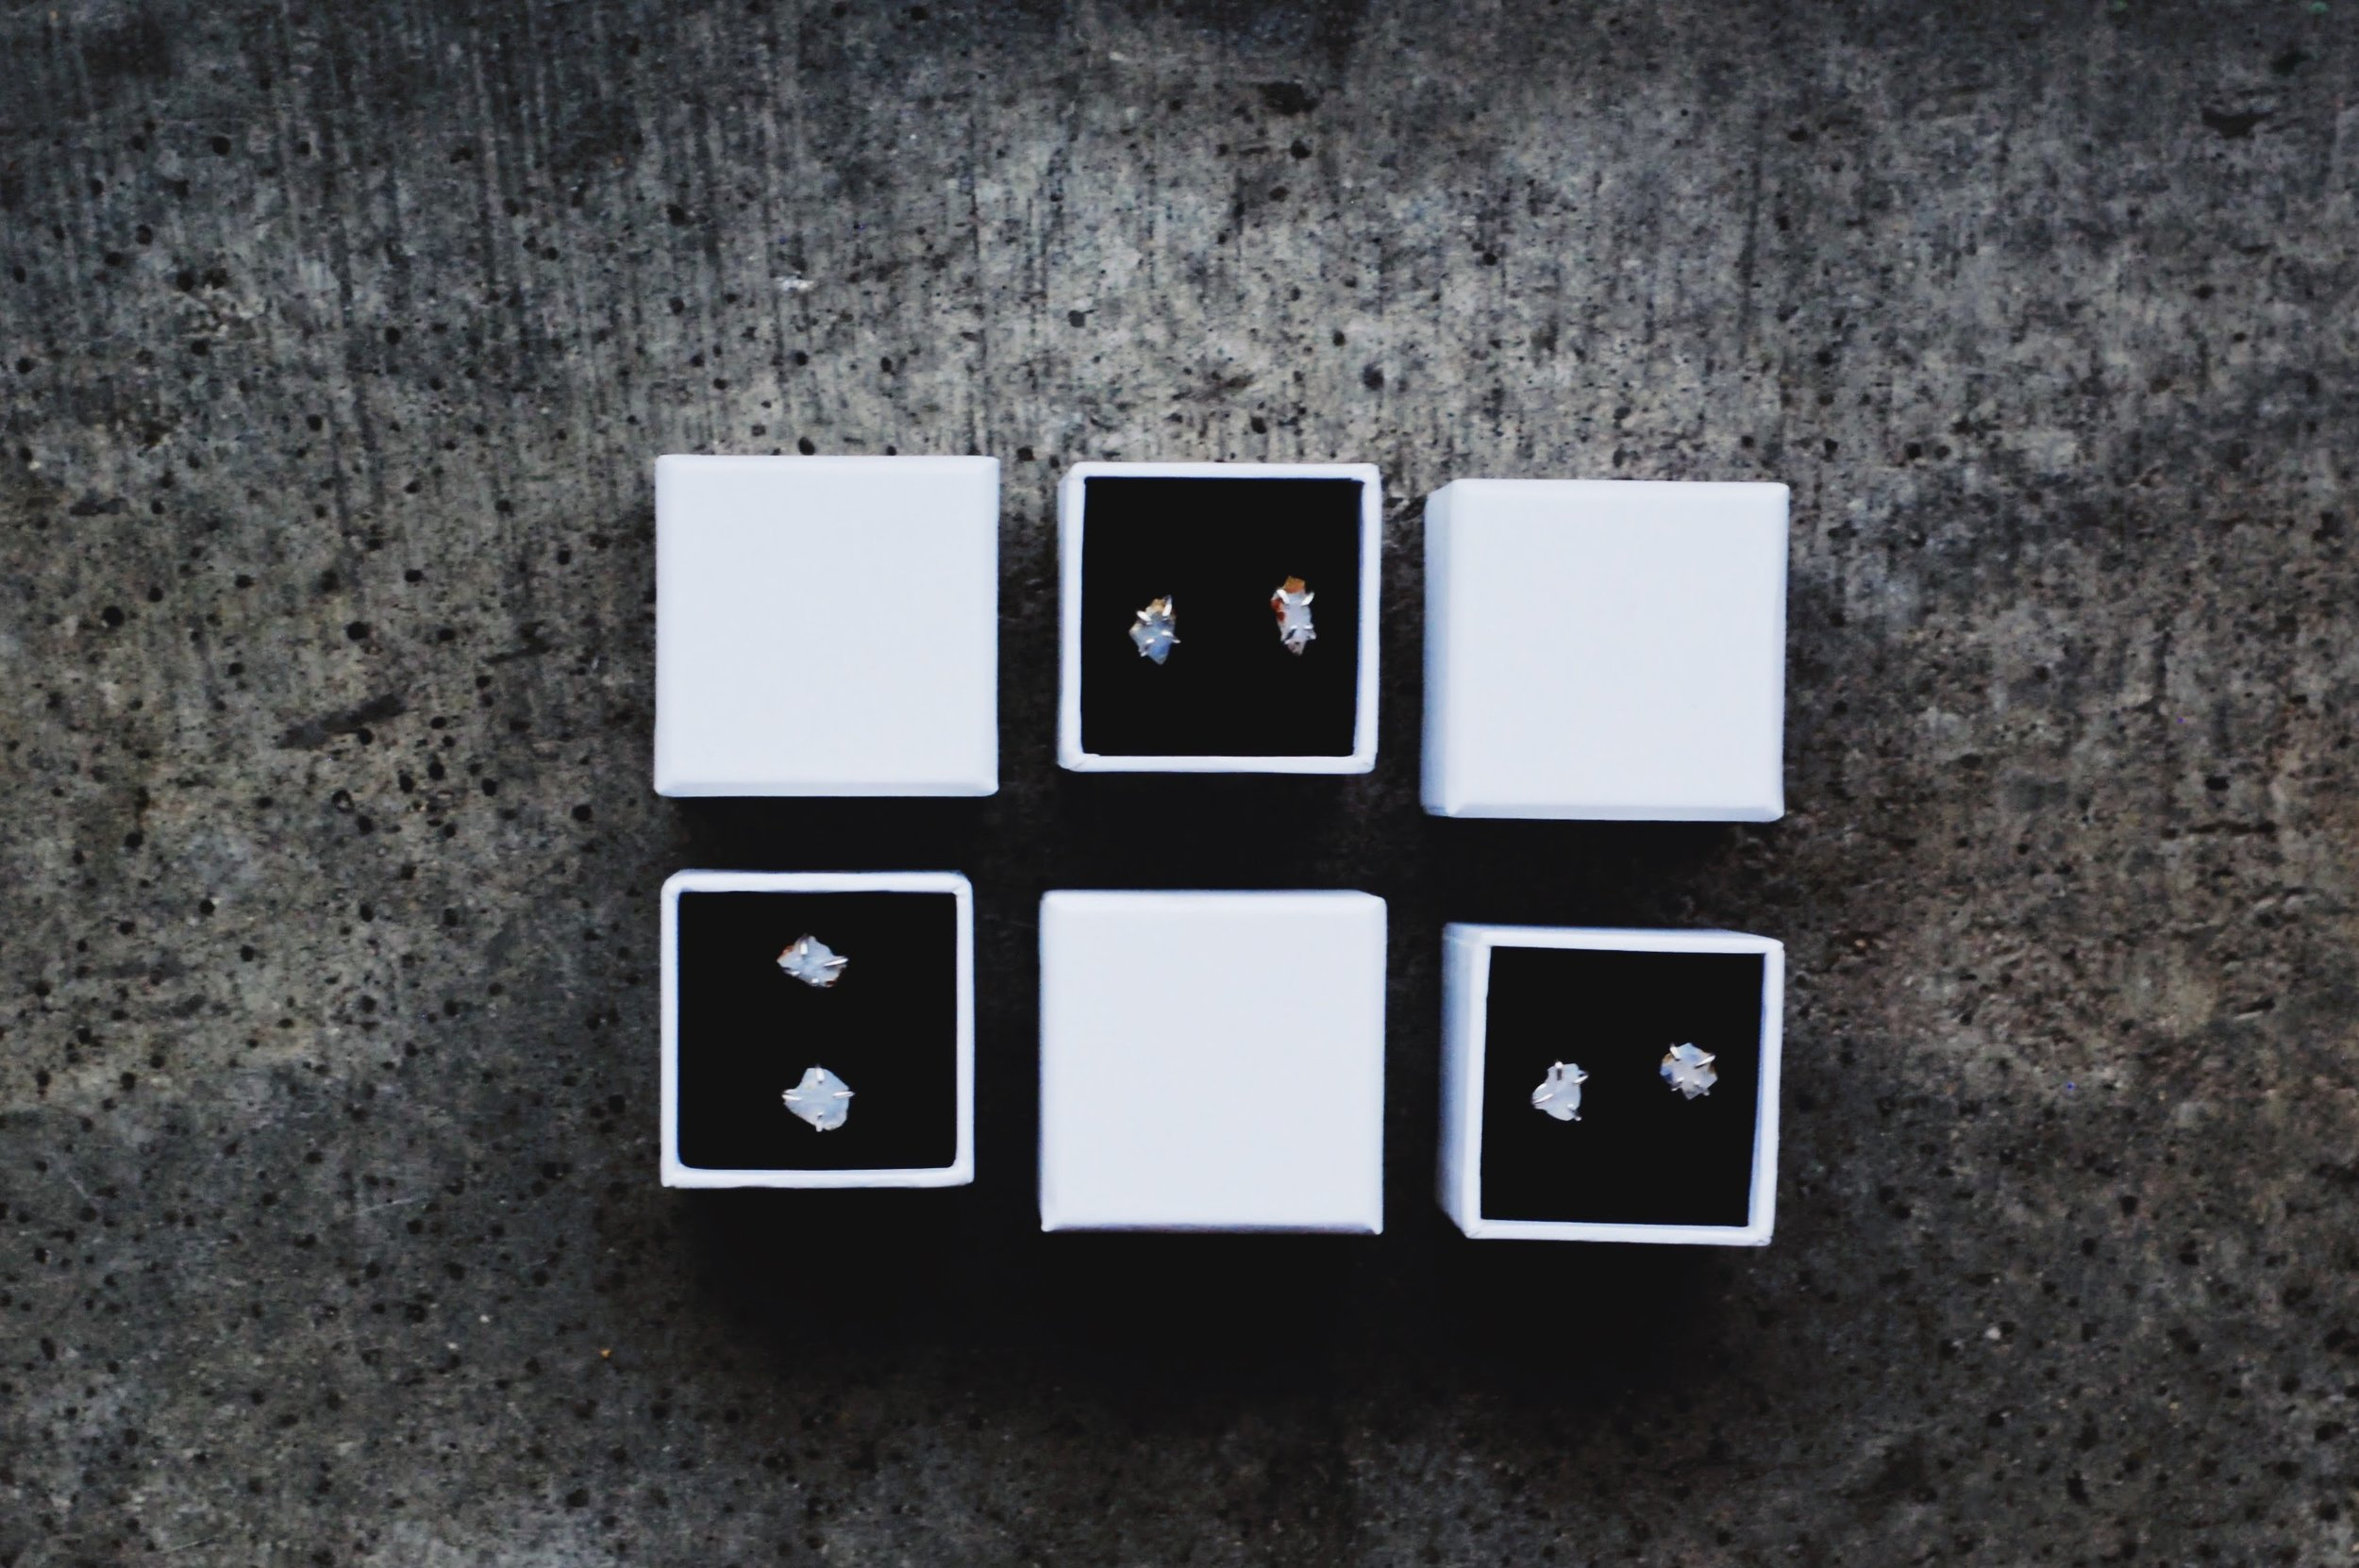 Transform your memories into jewelry  - handmade earrings by Foe & Dear